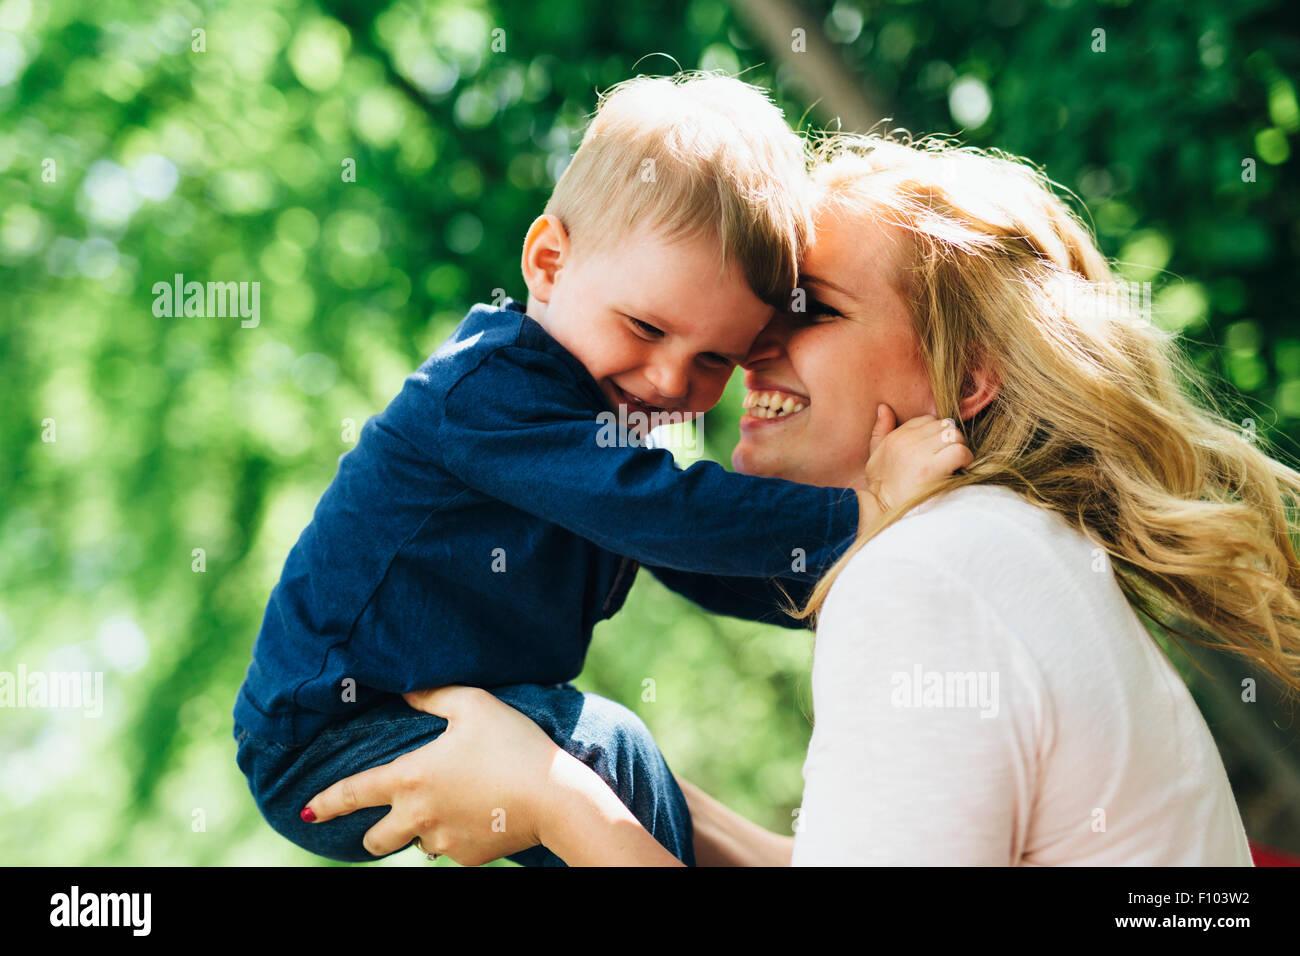 Mutter, Lächeln, lachen und spielen mit ihrem Kind im Freien an einem schönen Sommertag Stockbild